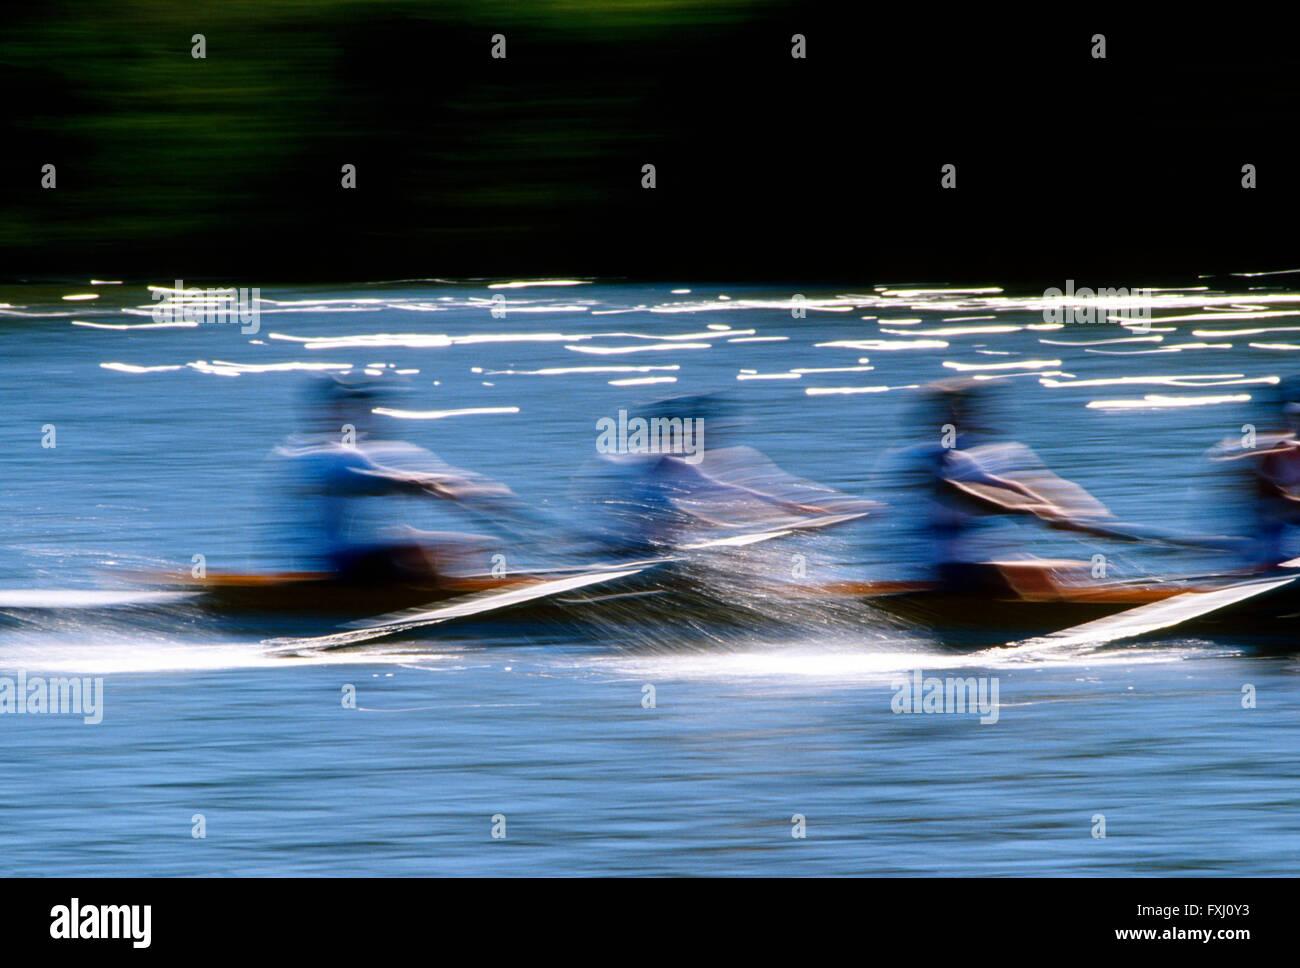 Motion Blur vista panoramica di scullers remare nella testa della regata Schuylkill; Fiume Schuykill; Philadelphia, Immagini Stock